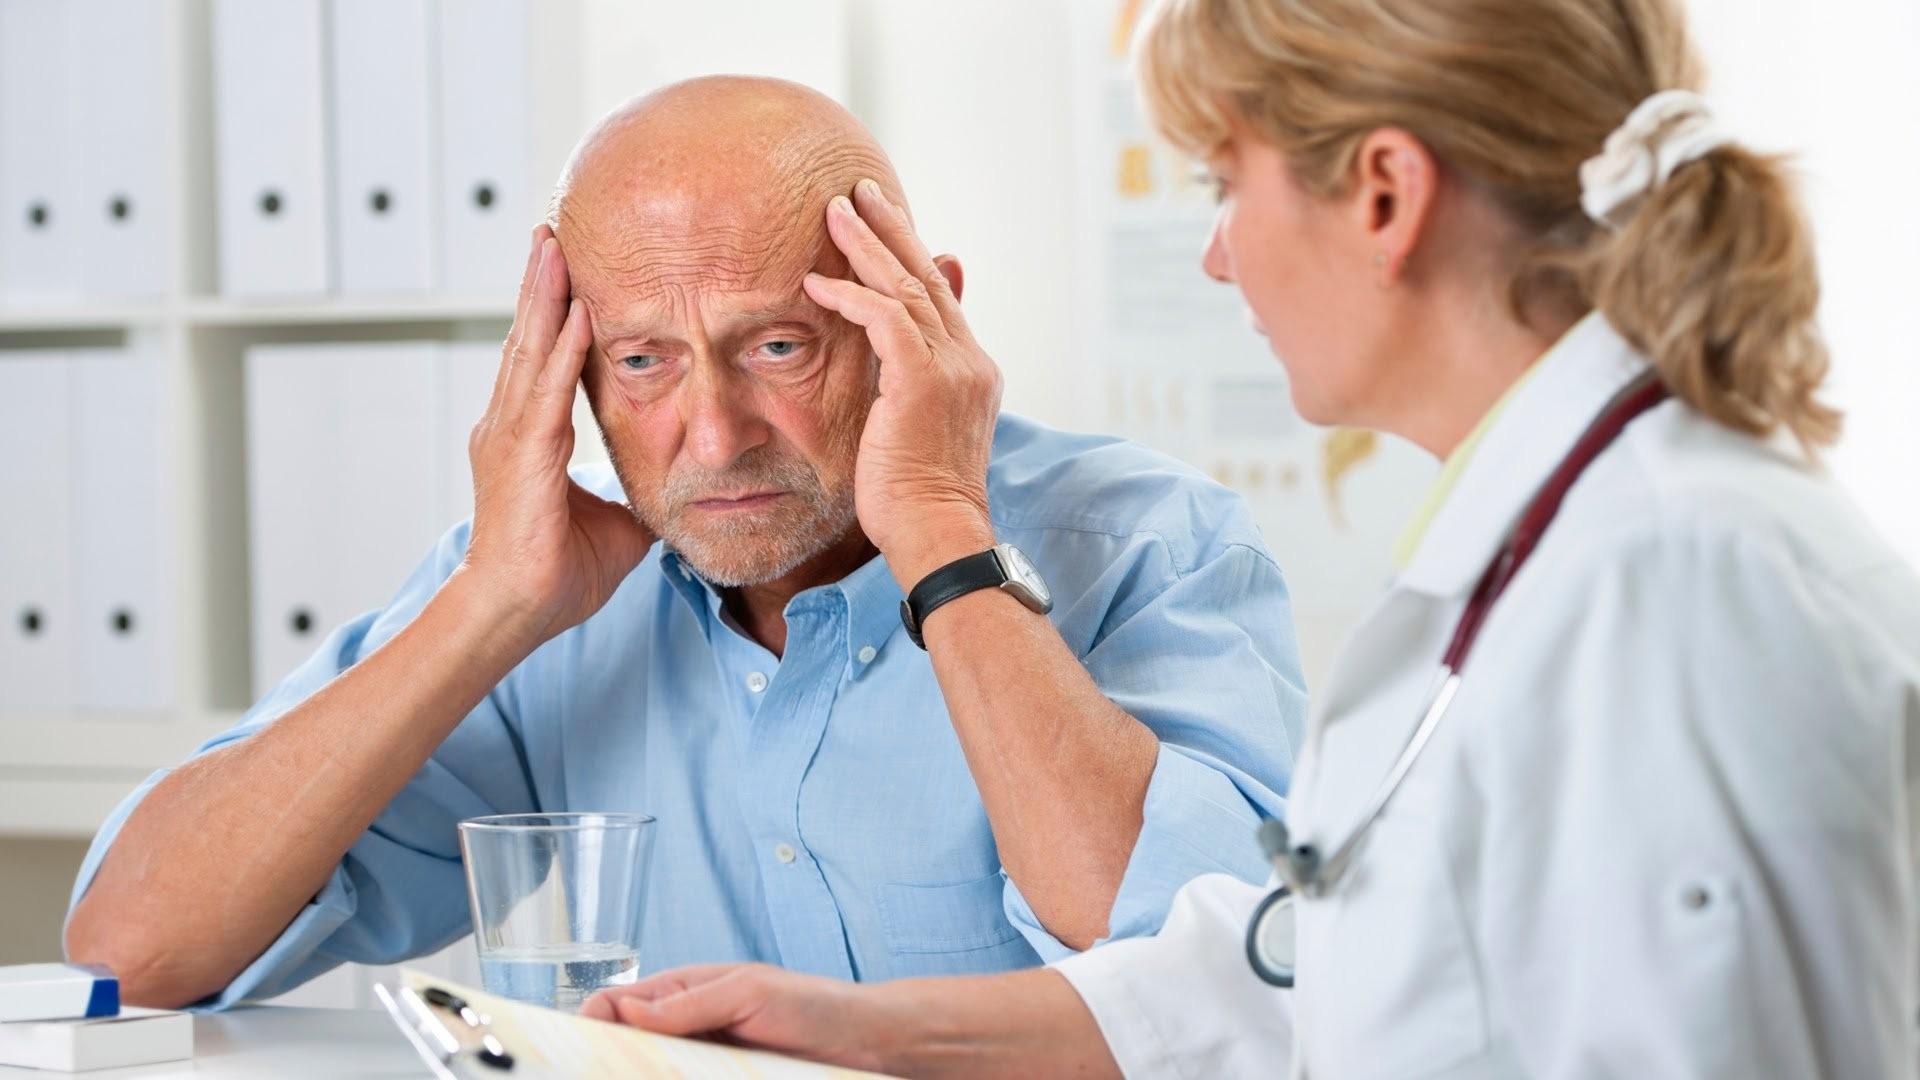 Новая игра для смартфонов выявляет риск заболеть Альцгеймером